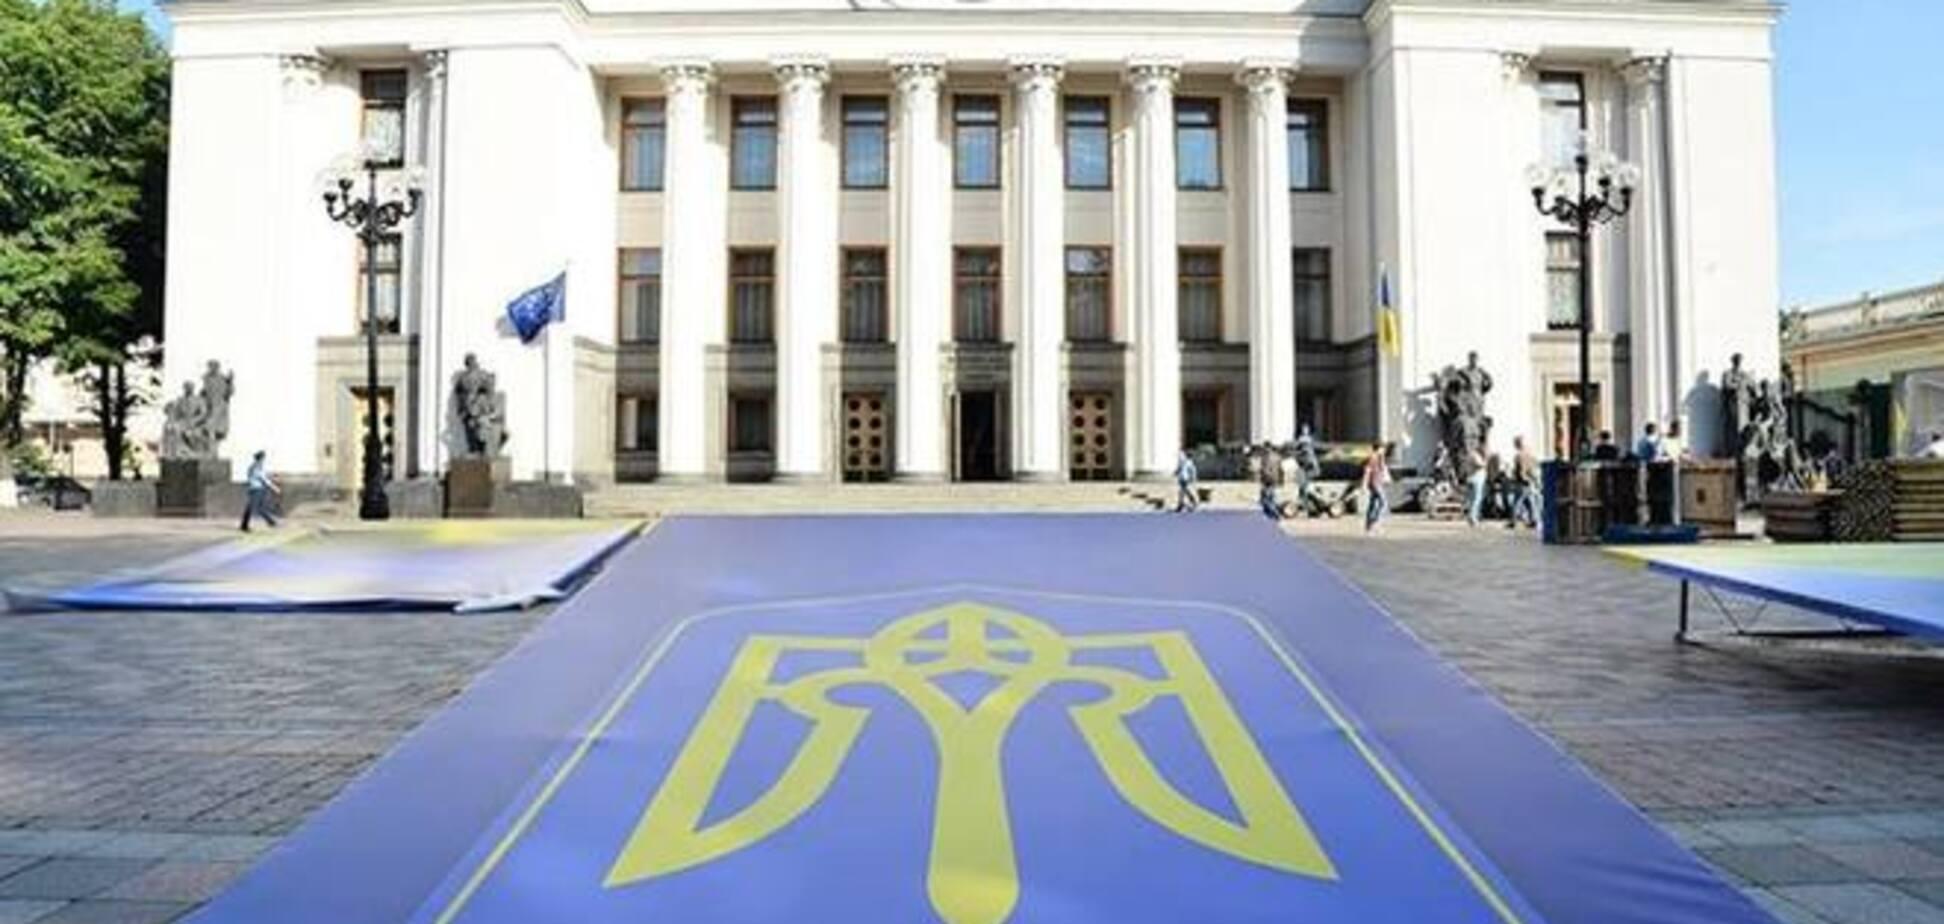 Біля Ради повним ходом йде підготовка до інавгурації Порошенко